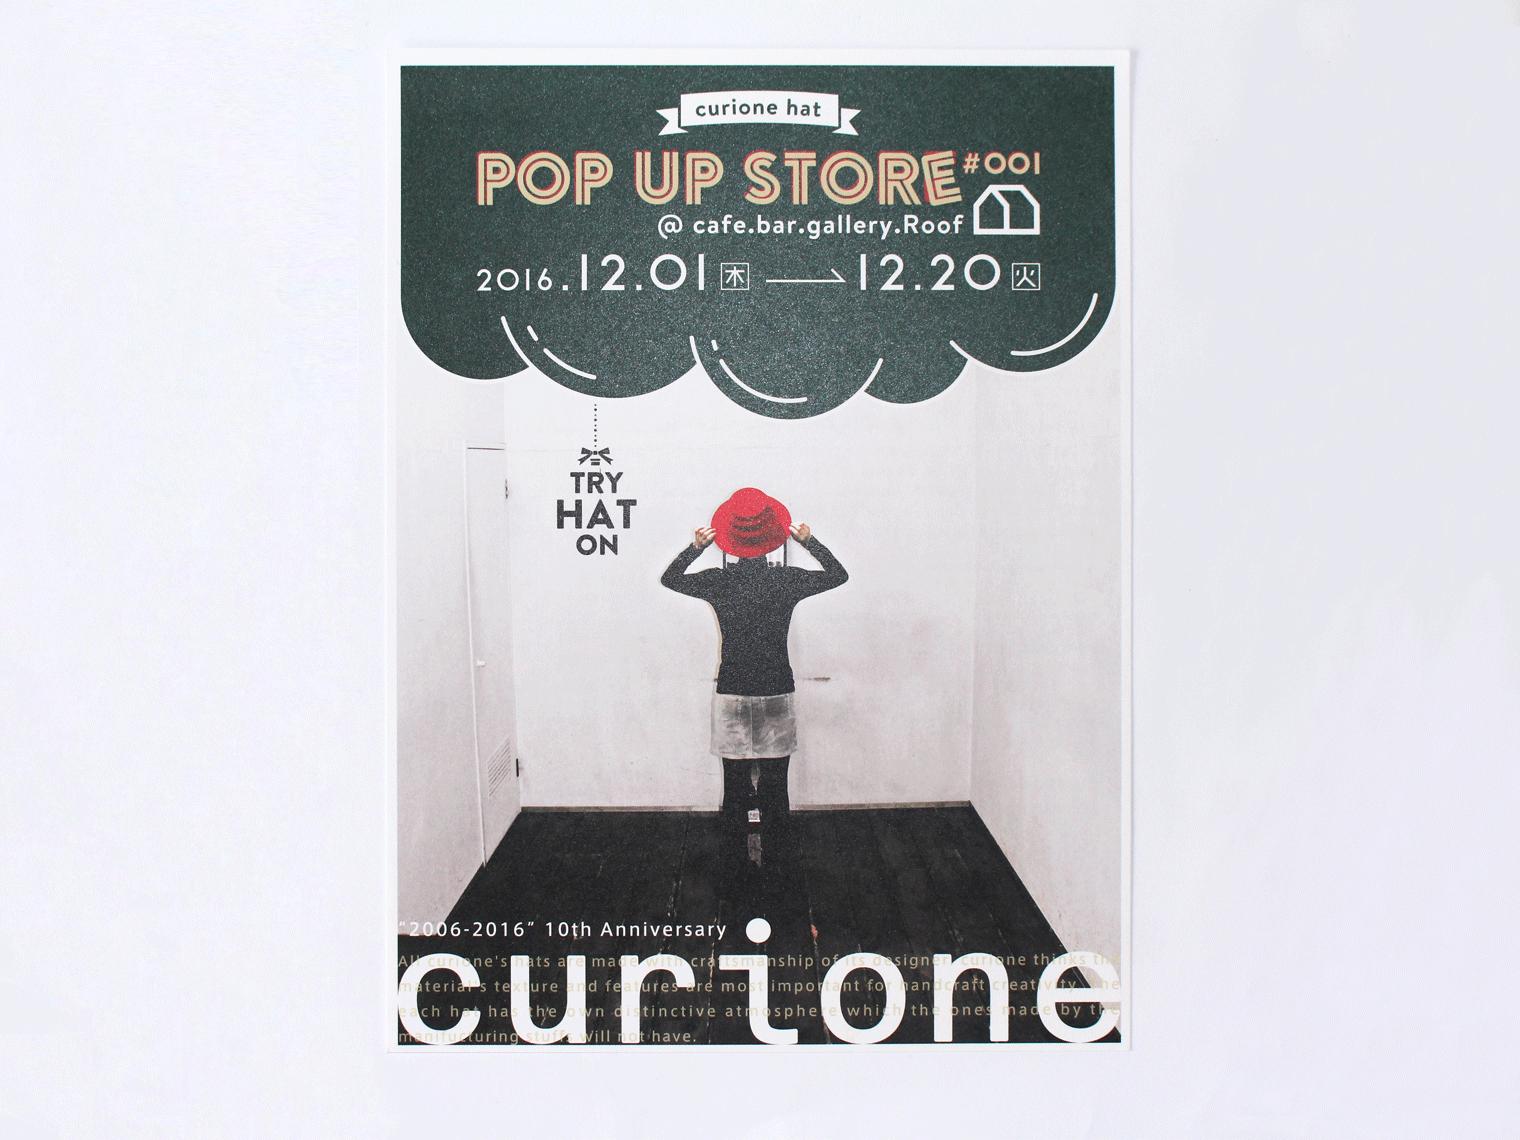 popupstore001-01